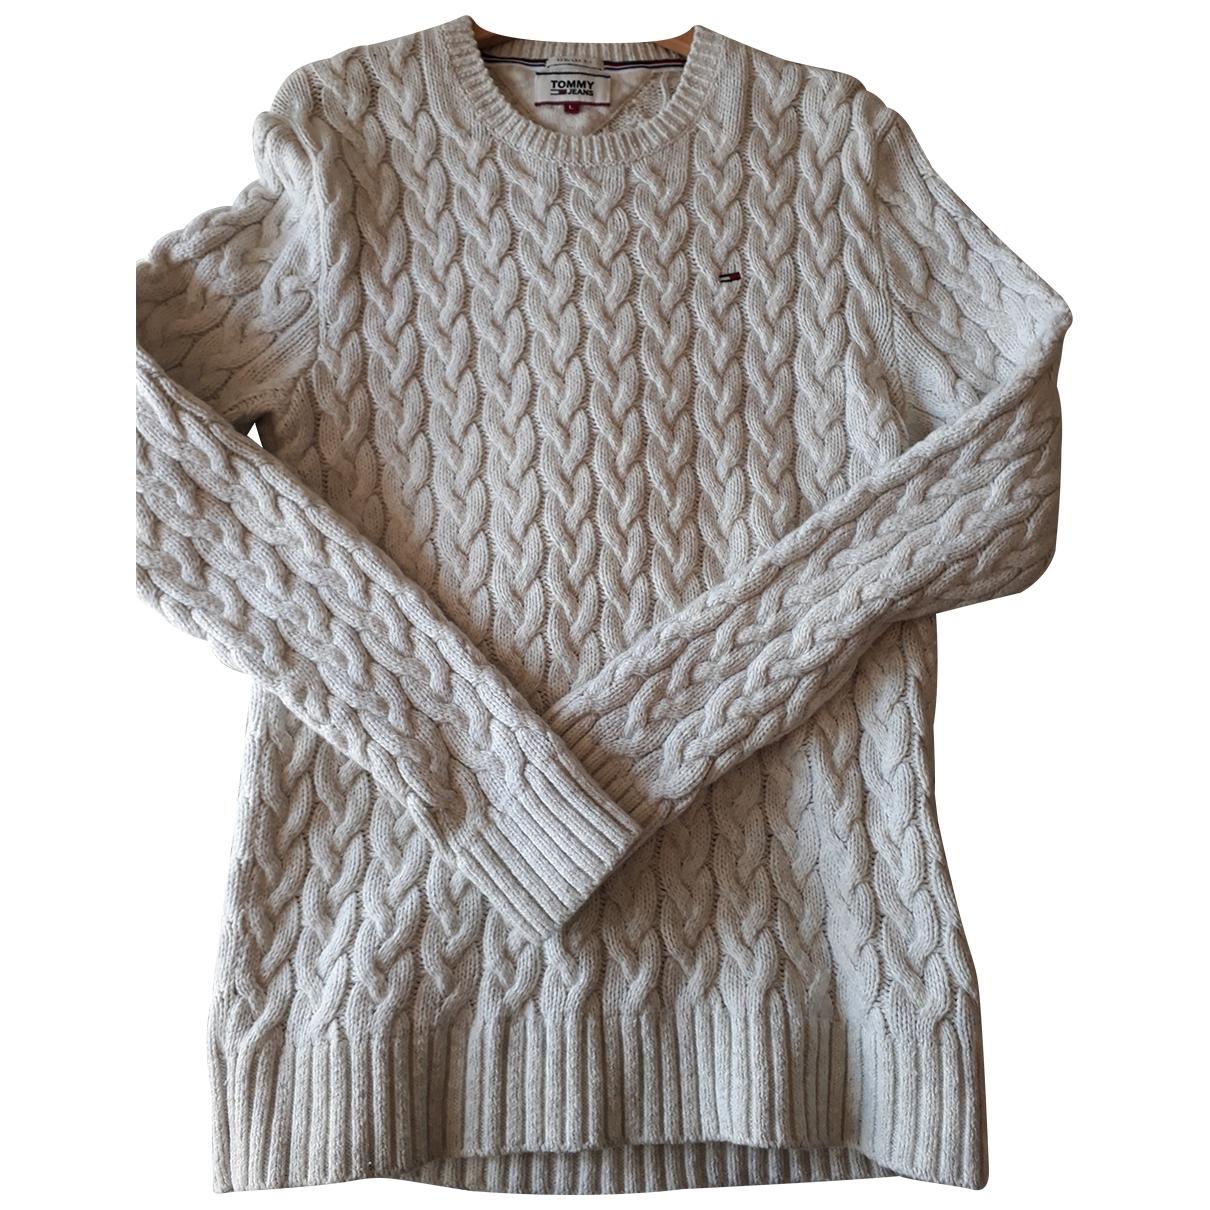 Tommy Jeans \N Beige Cotton Knitwear & Sweatshirts for Men L International